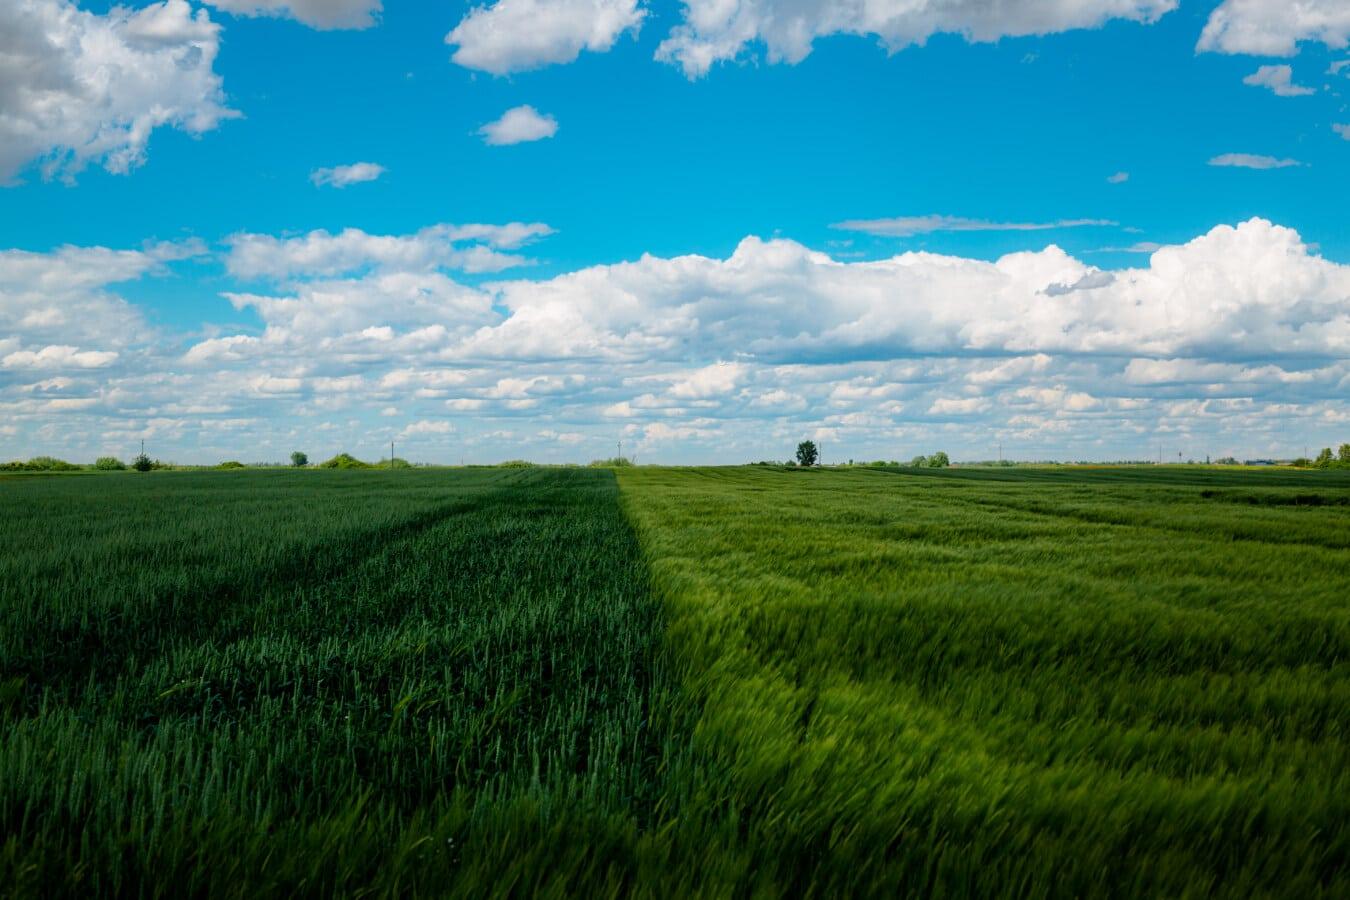 champ de blé, seigle, vert, domaine, céréale, Agriculture, nuage, prairie, blé, paysage